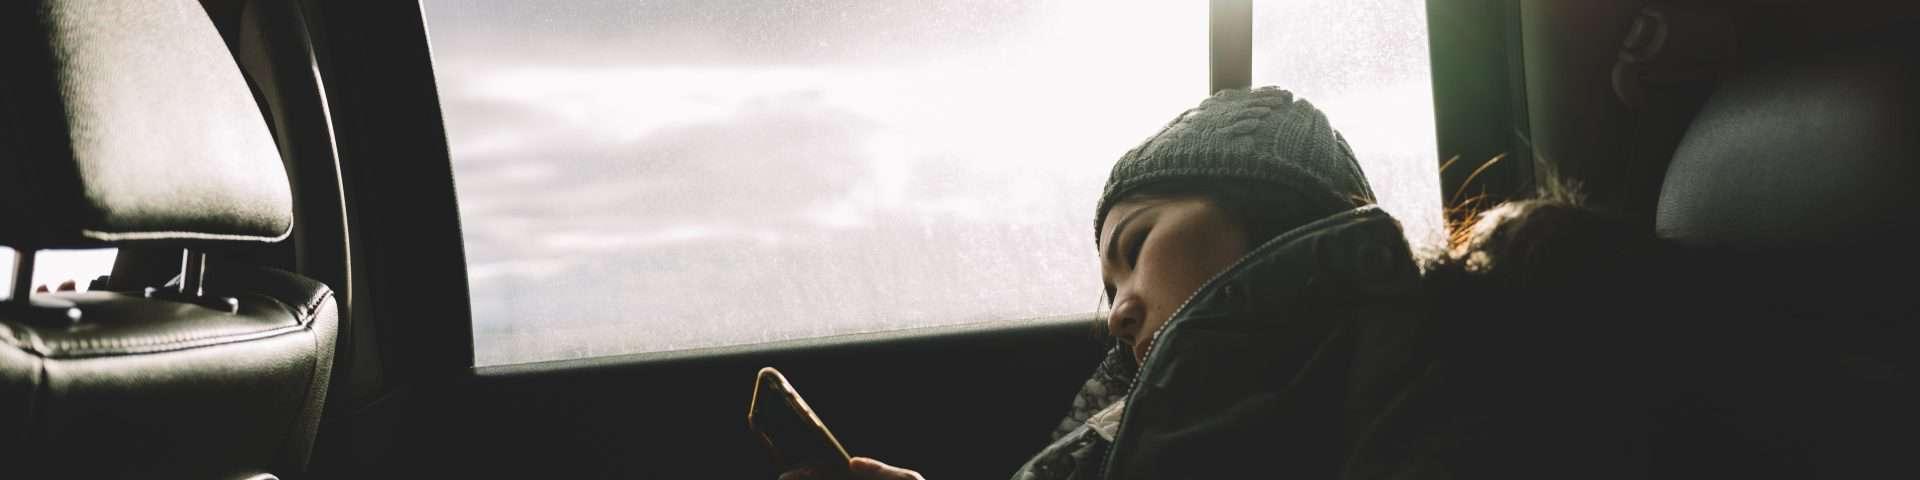 Er hat sich seit einer Woche nicht gemeldet – warum hören Männer auf zu texten?